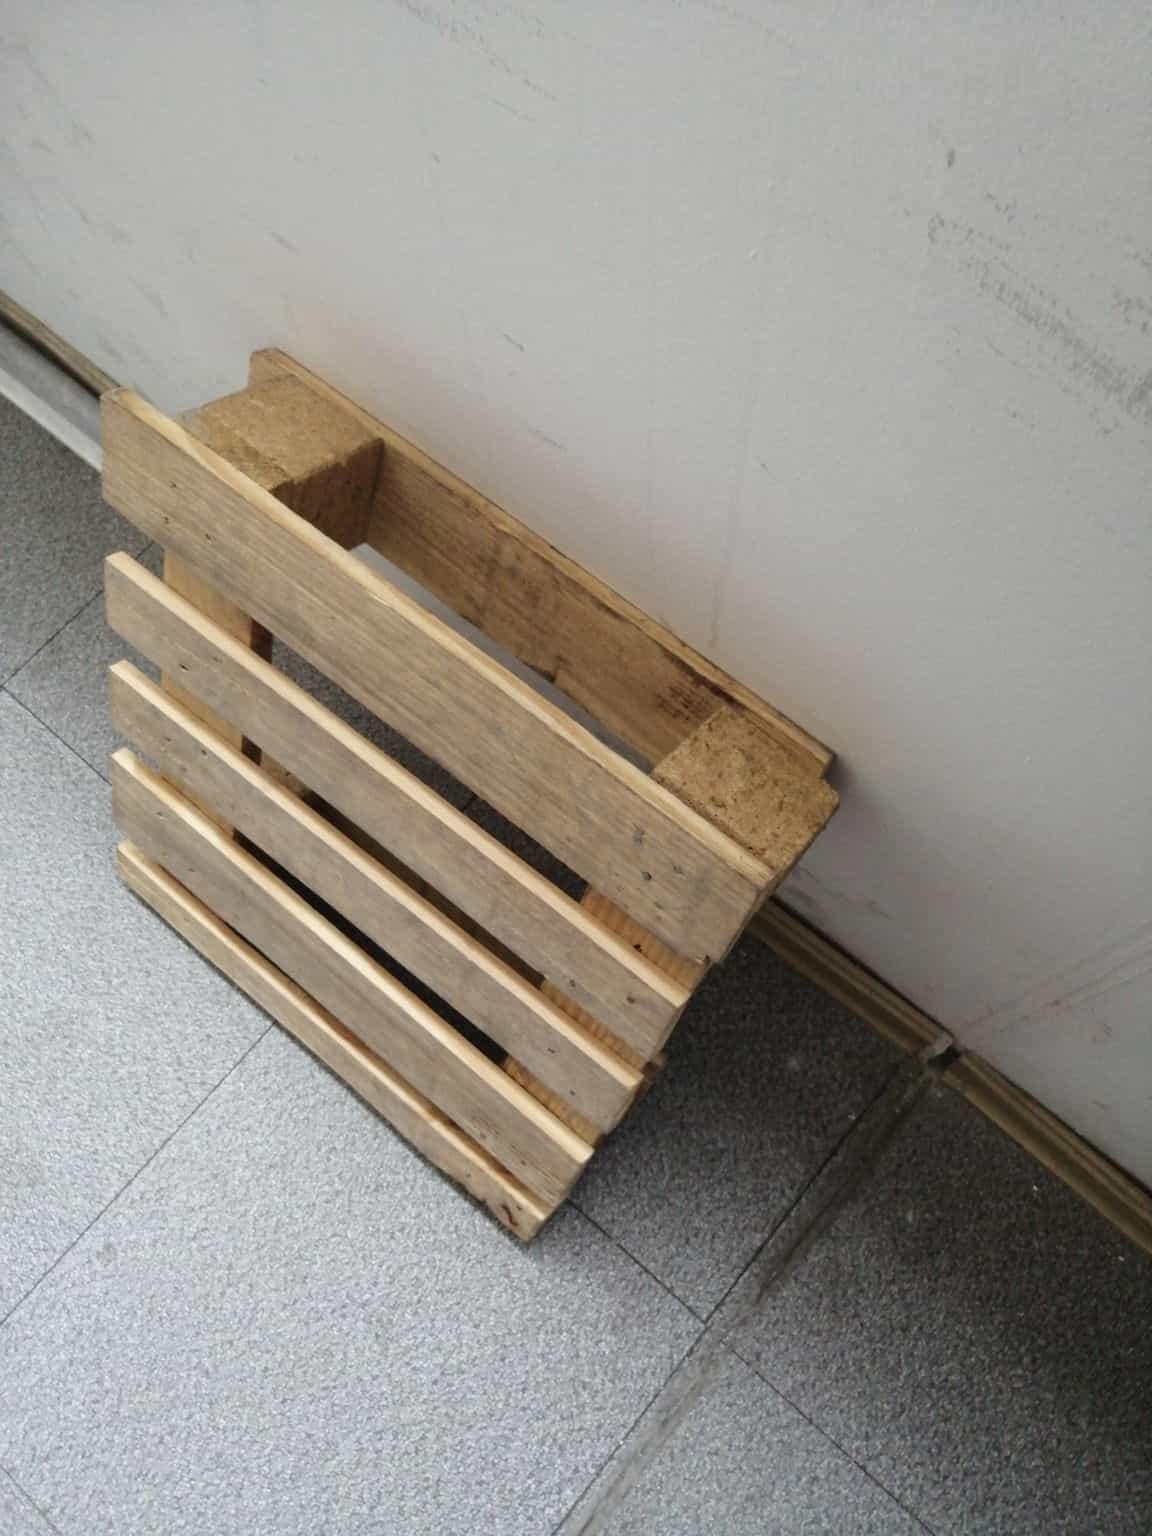 ?,︿♧?京木托盘木料批发中心是?,▧◐⑨◦↫?京木托盘木料批发零售的一